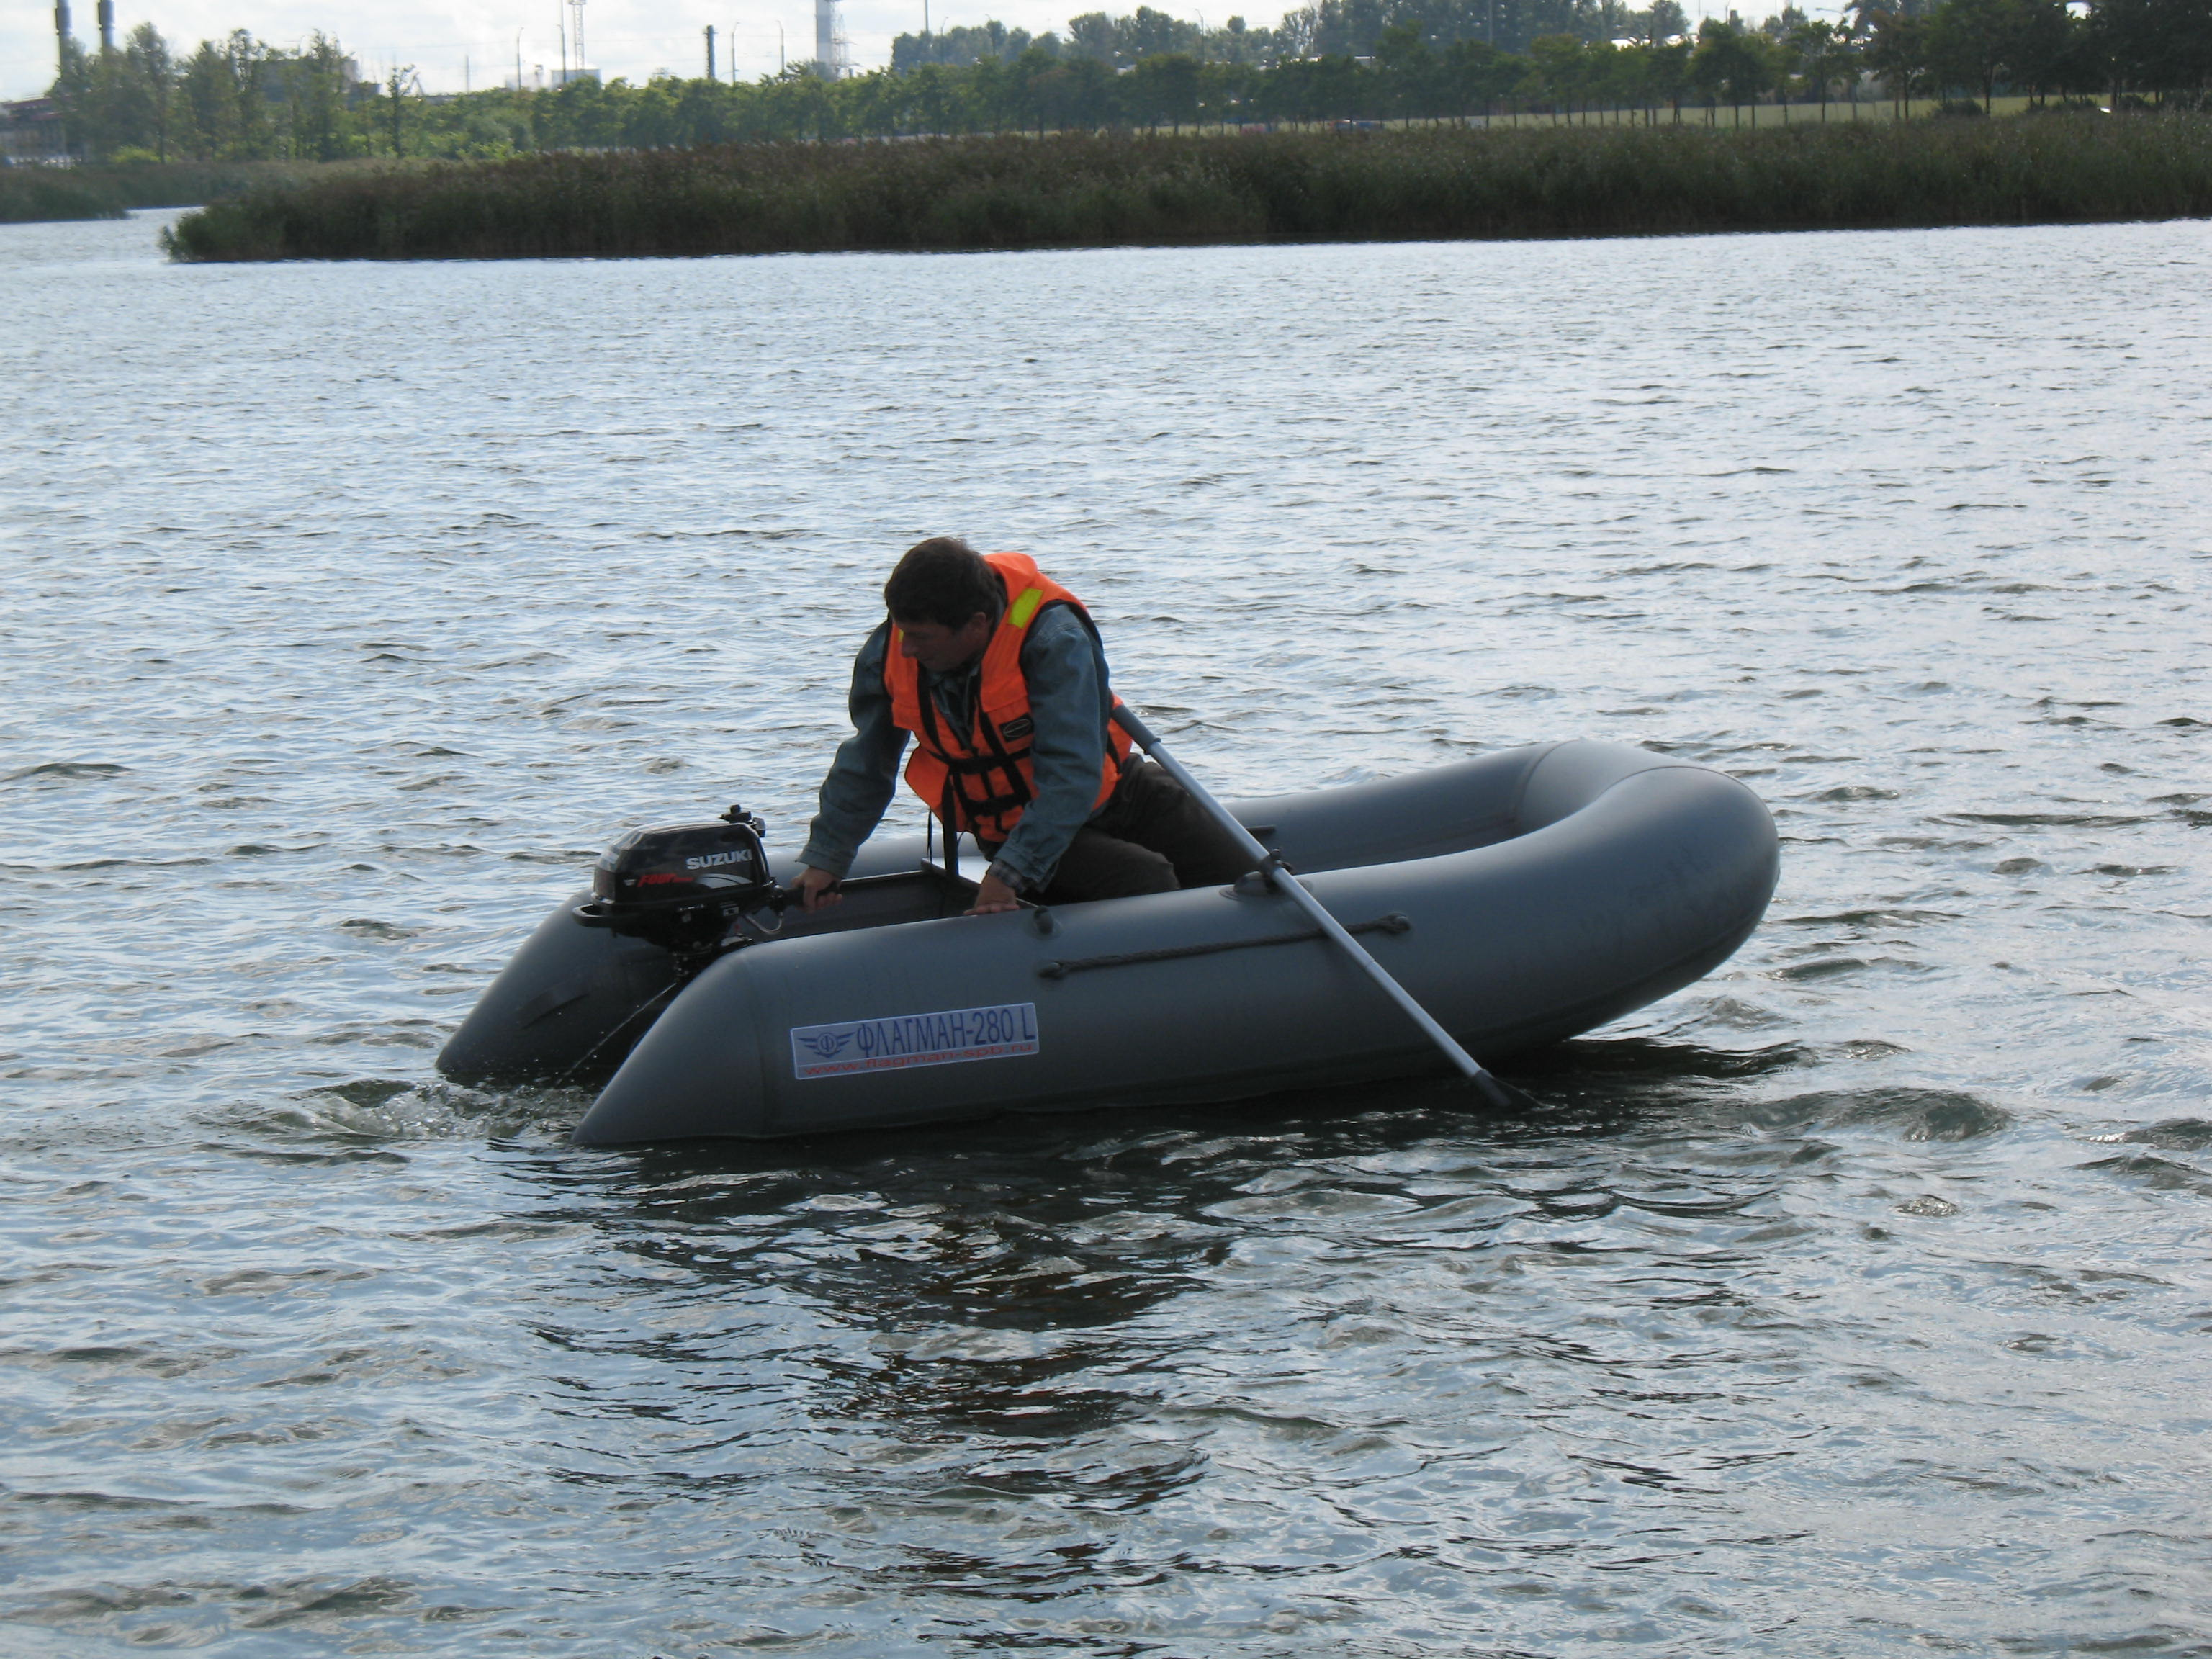 видео лодка флагман 280